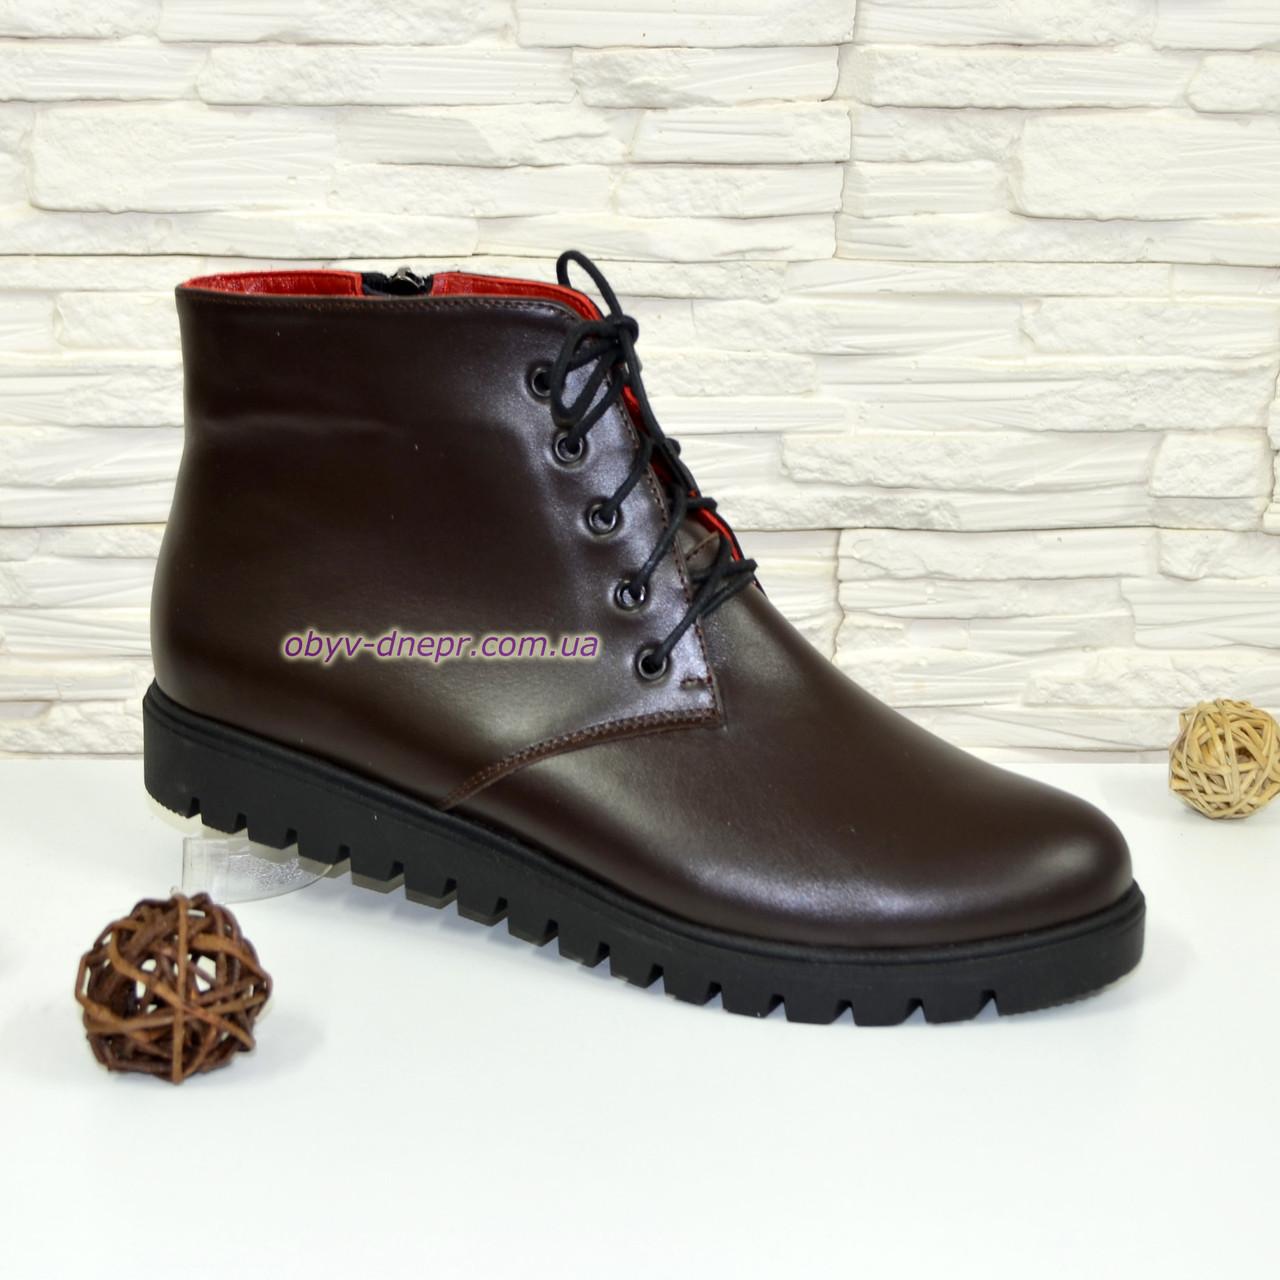 Ботинки женские коричневые кожаные на шнуровке, утолщенная подошва.